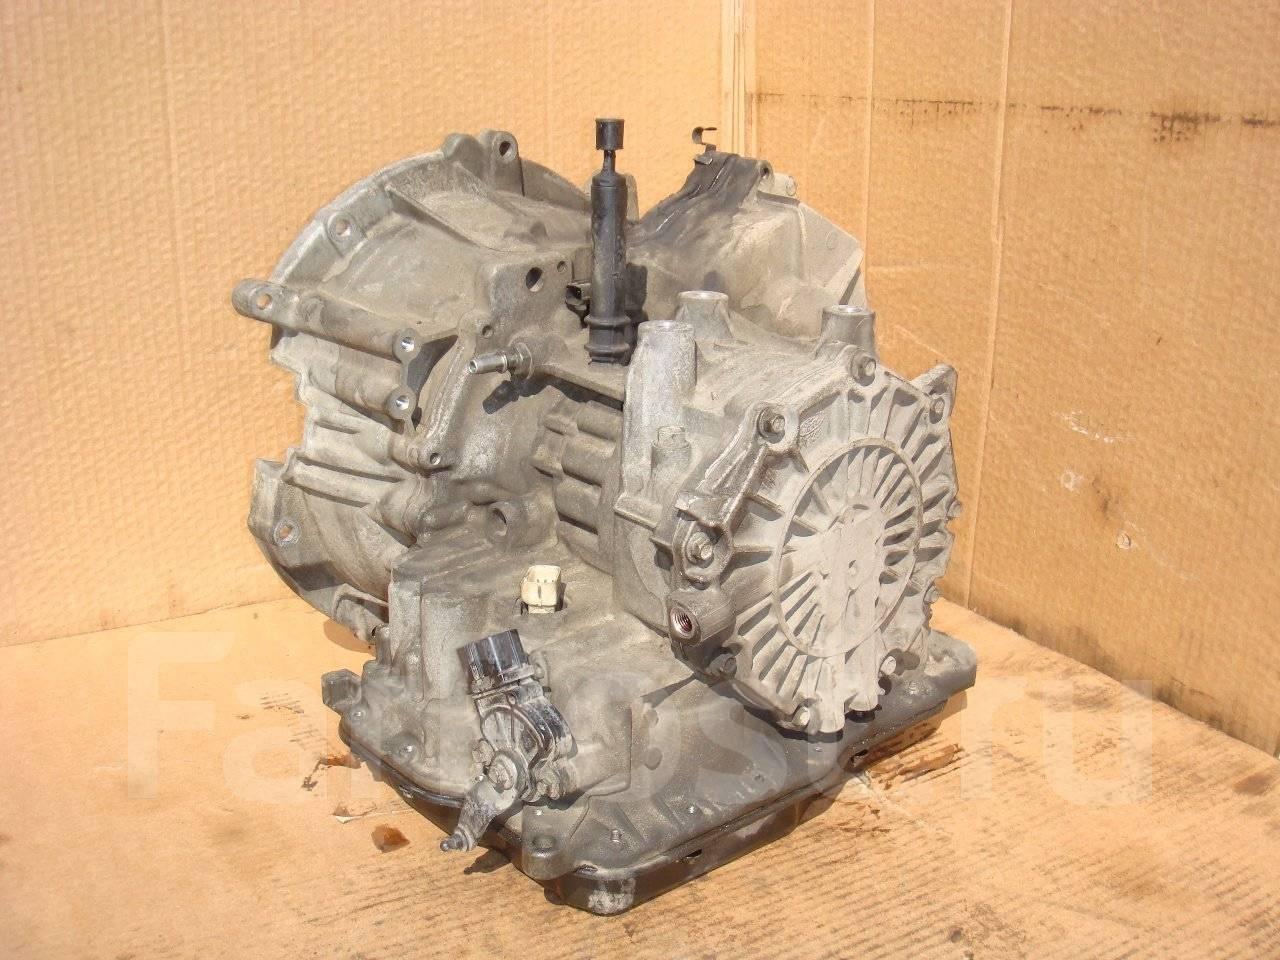 двигатель hwdb на форд фокус руководство по ремонту 2005г.в